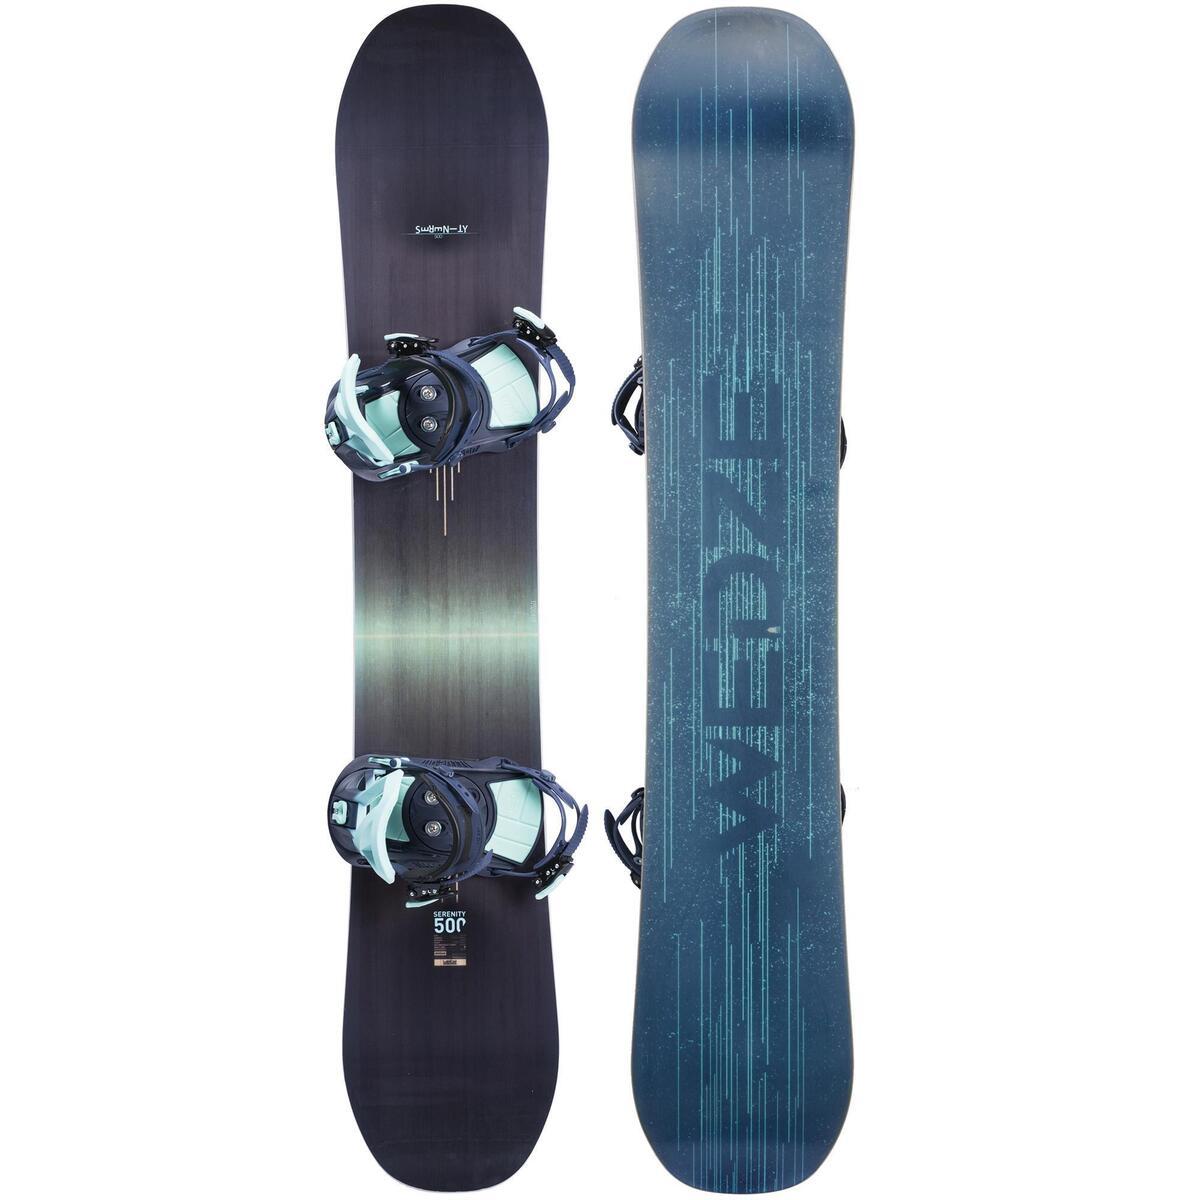 Bild 1 von Snowboard-Set Piste & Freeride Serenity 500 Damen